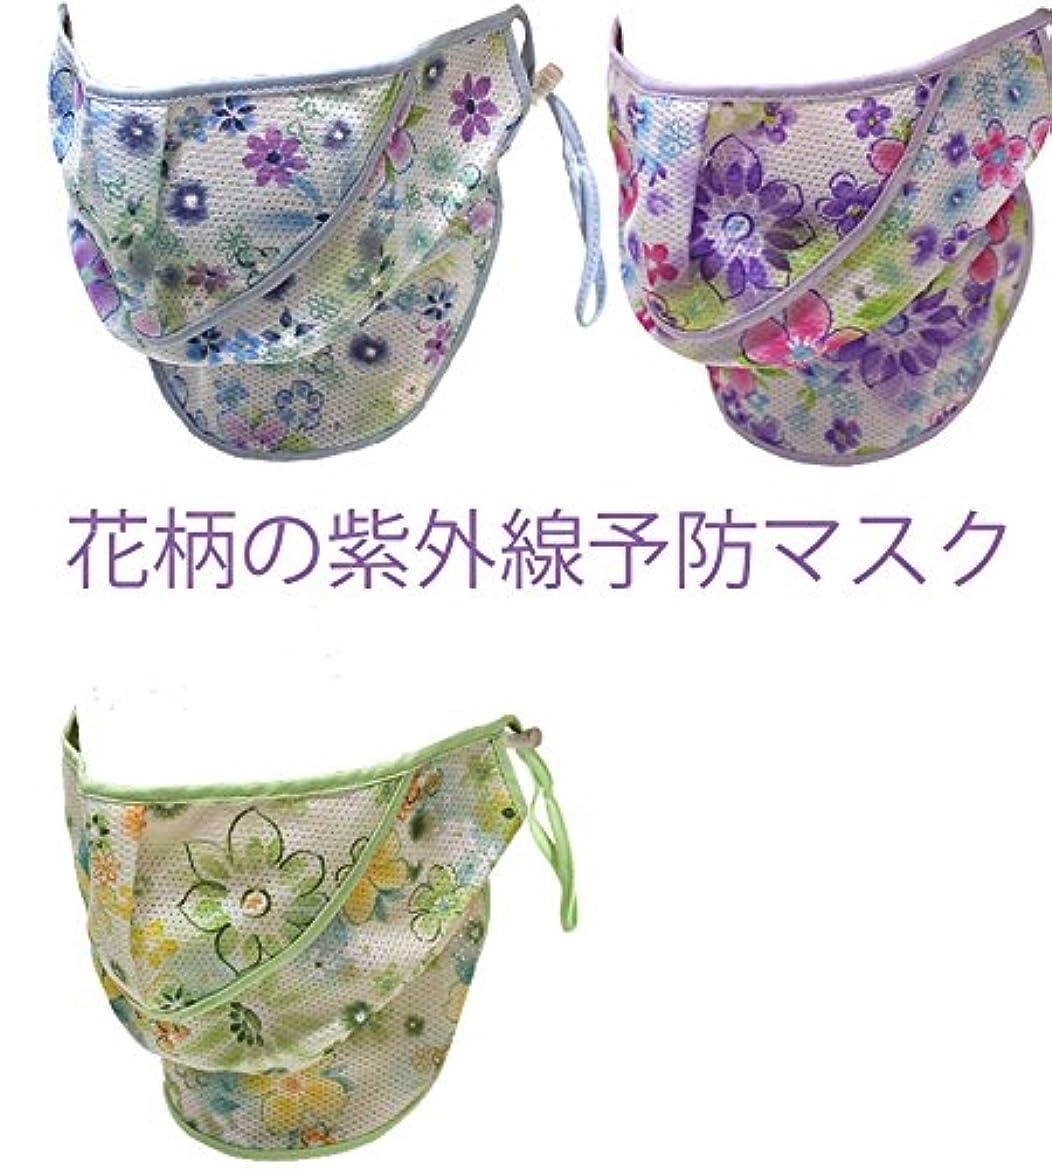 検出純粋なうっかりuvフェイスマスク,花柄の紫外線予防マスク、、緑色、、信頼できる韓国産